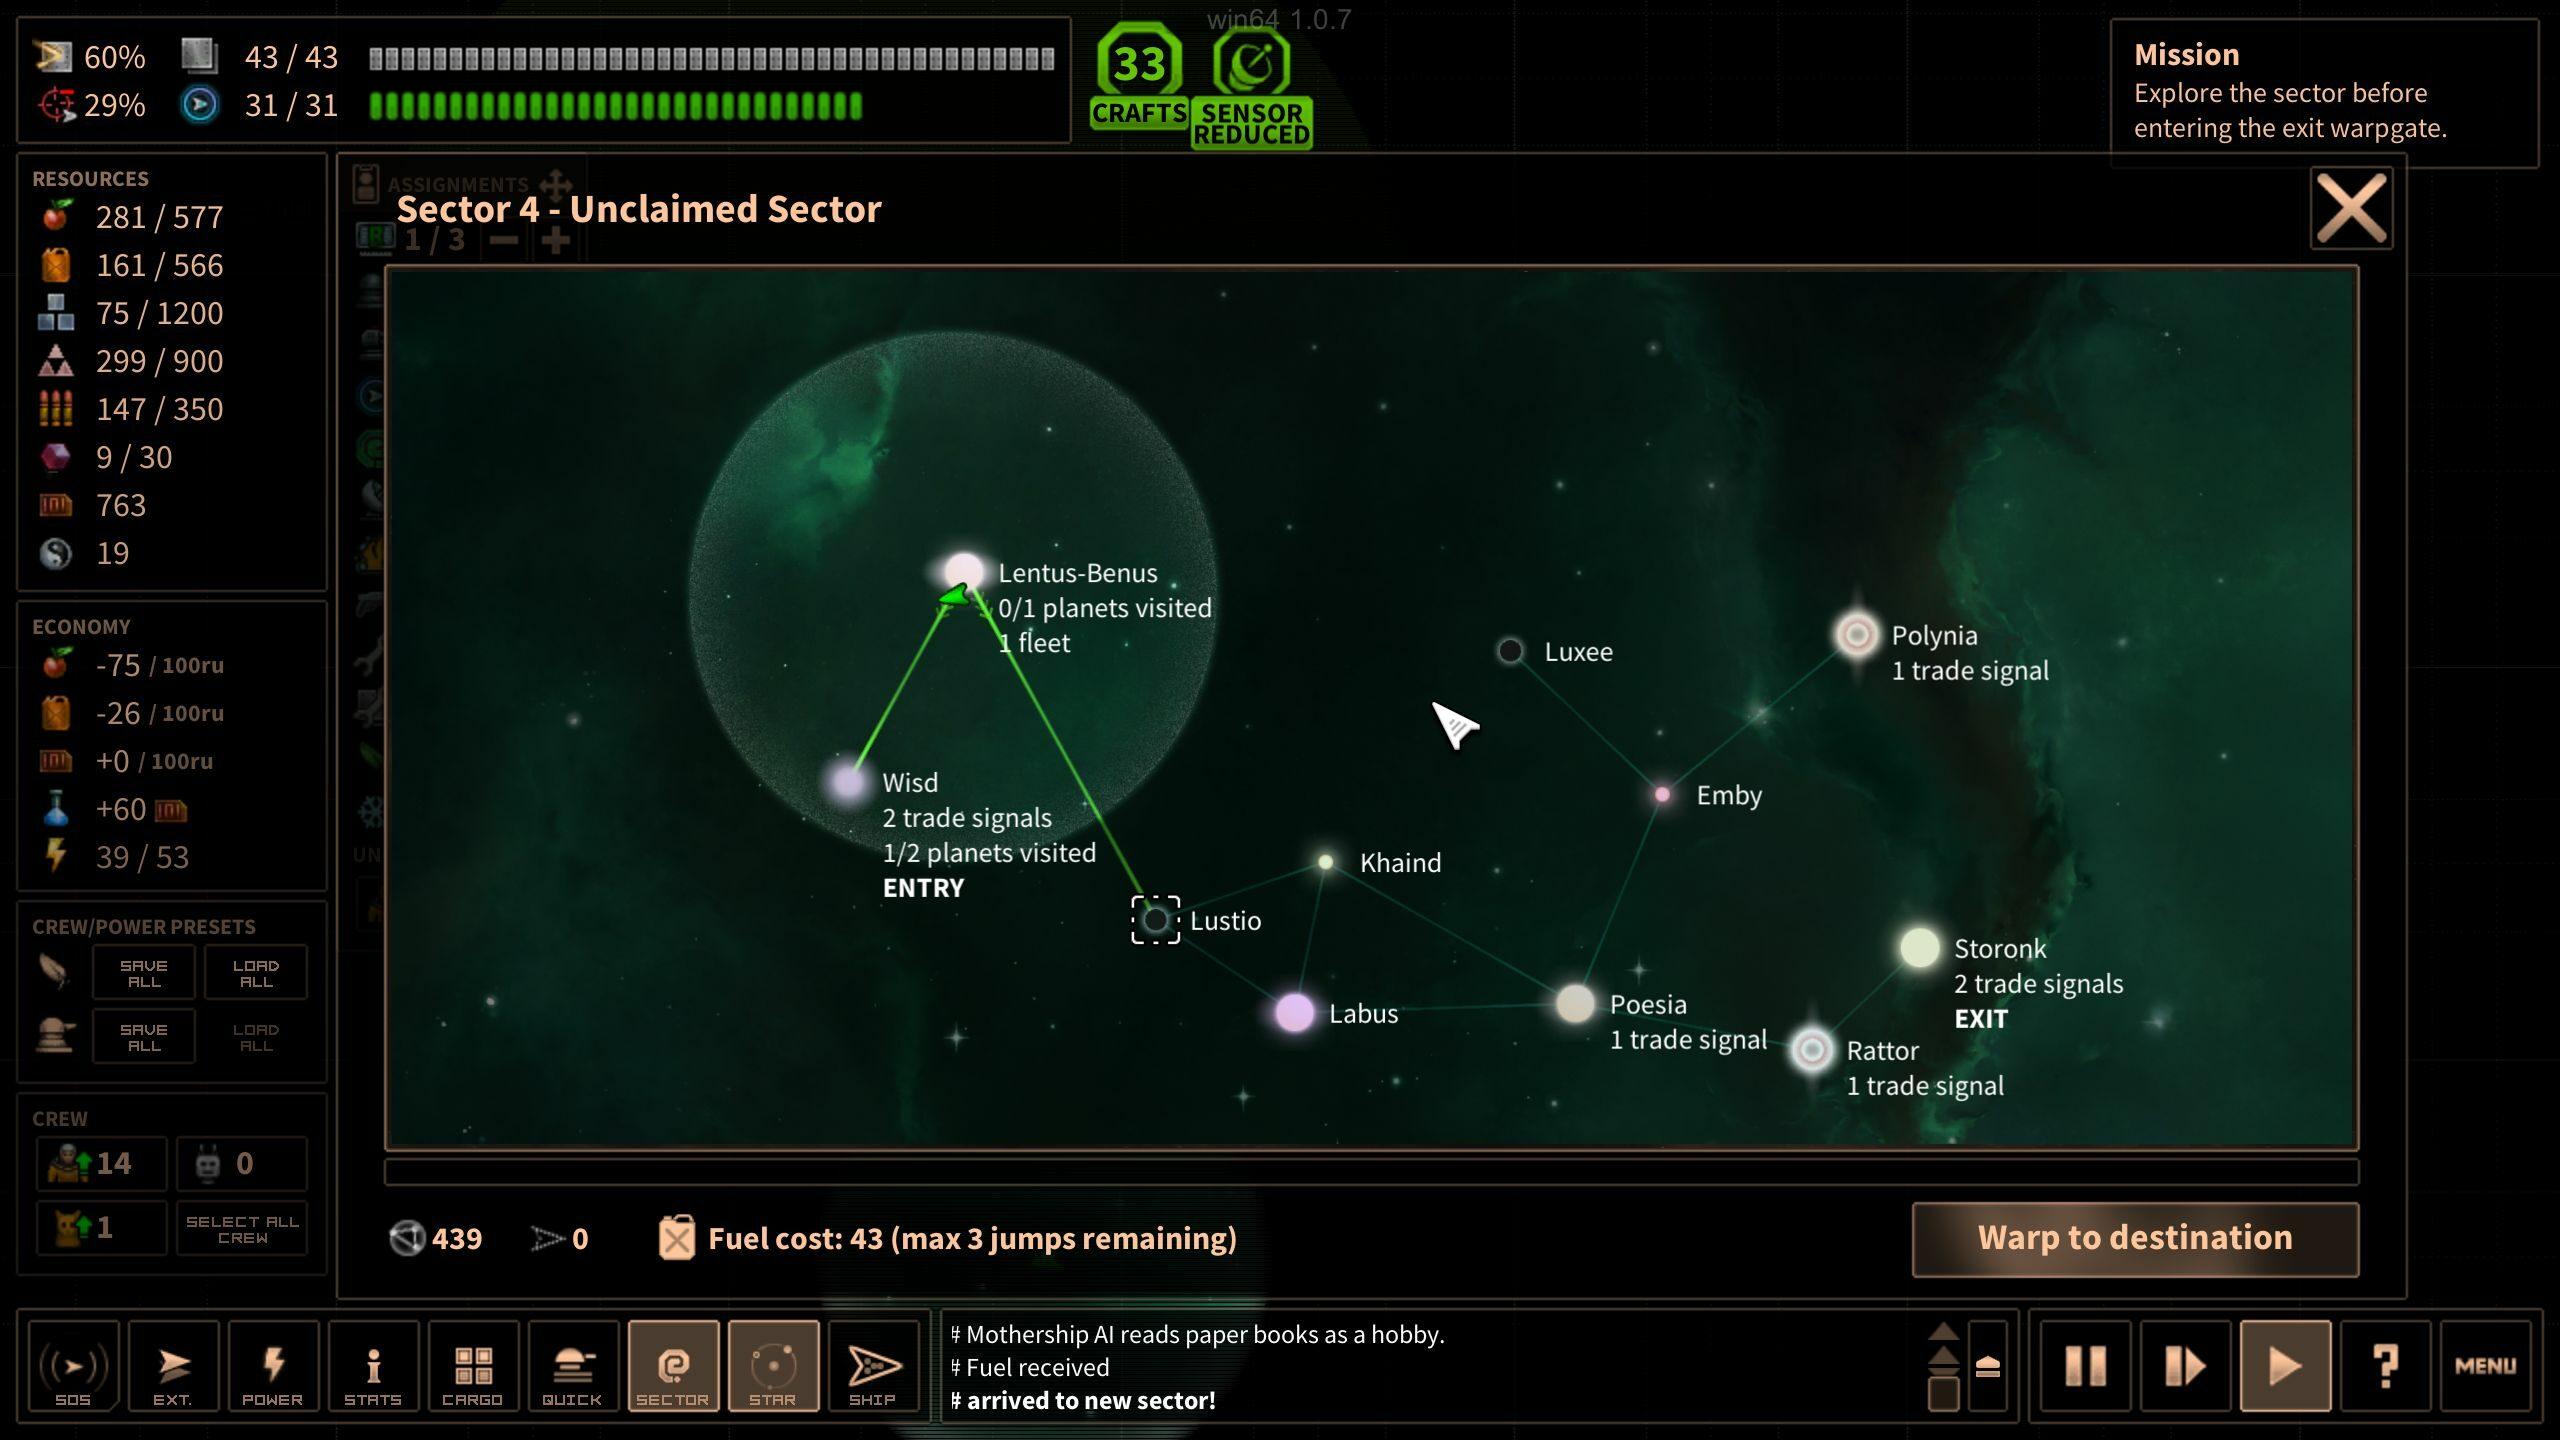 Les secteurs sont moins linéaires qu'en apparence, avec parfois des missions à accomplir qui forcent le joueur à bourlinguer plus que de raison.